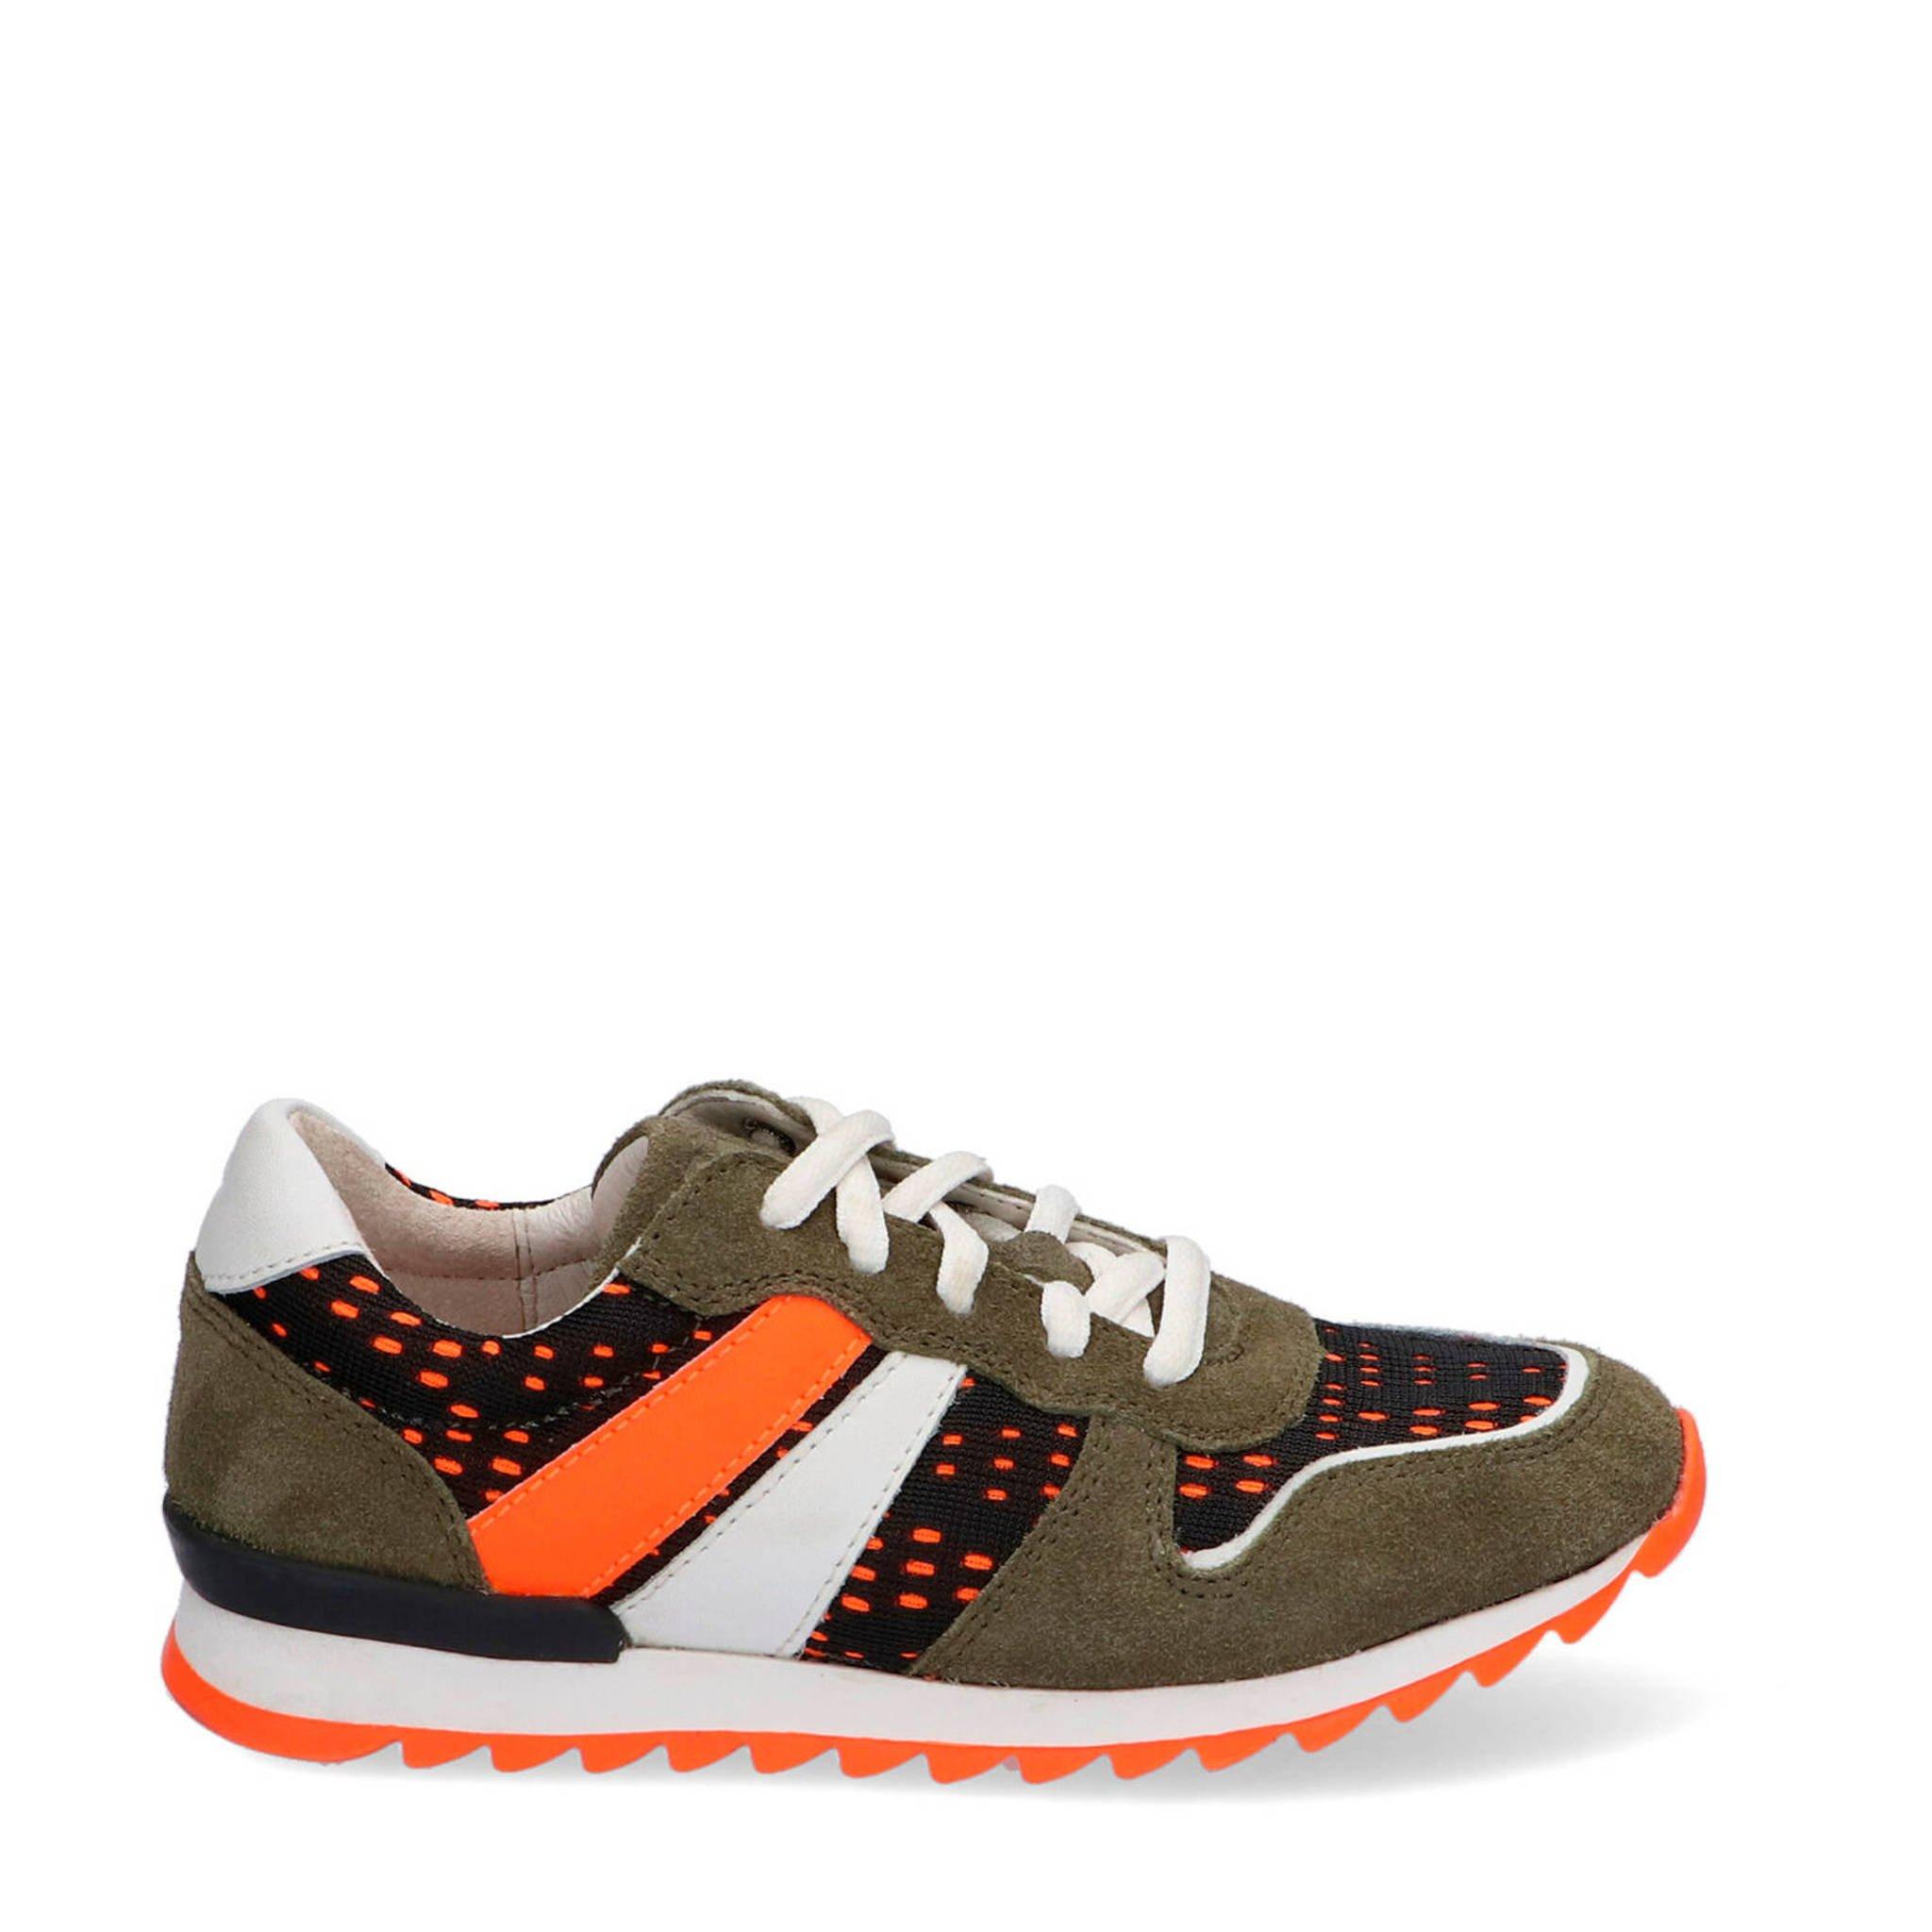 Braqeez TOM Tosca Jongens sneakers [waren €79,95]